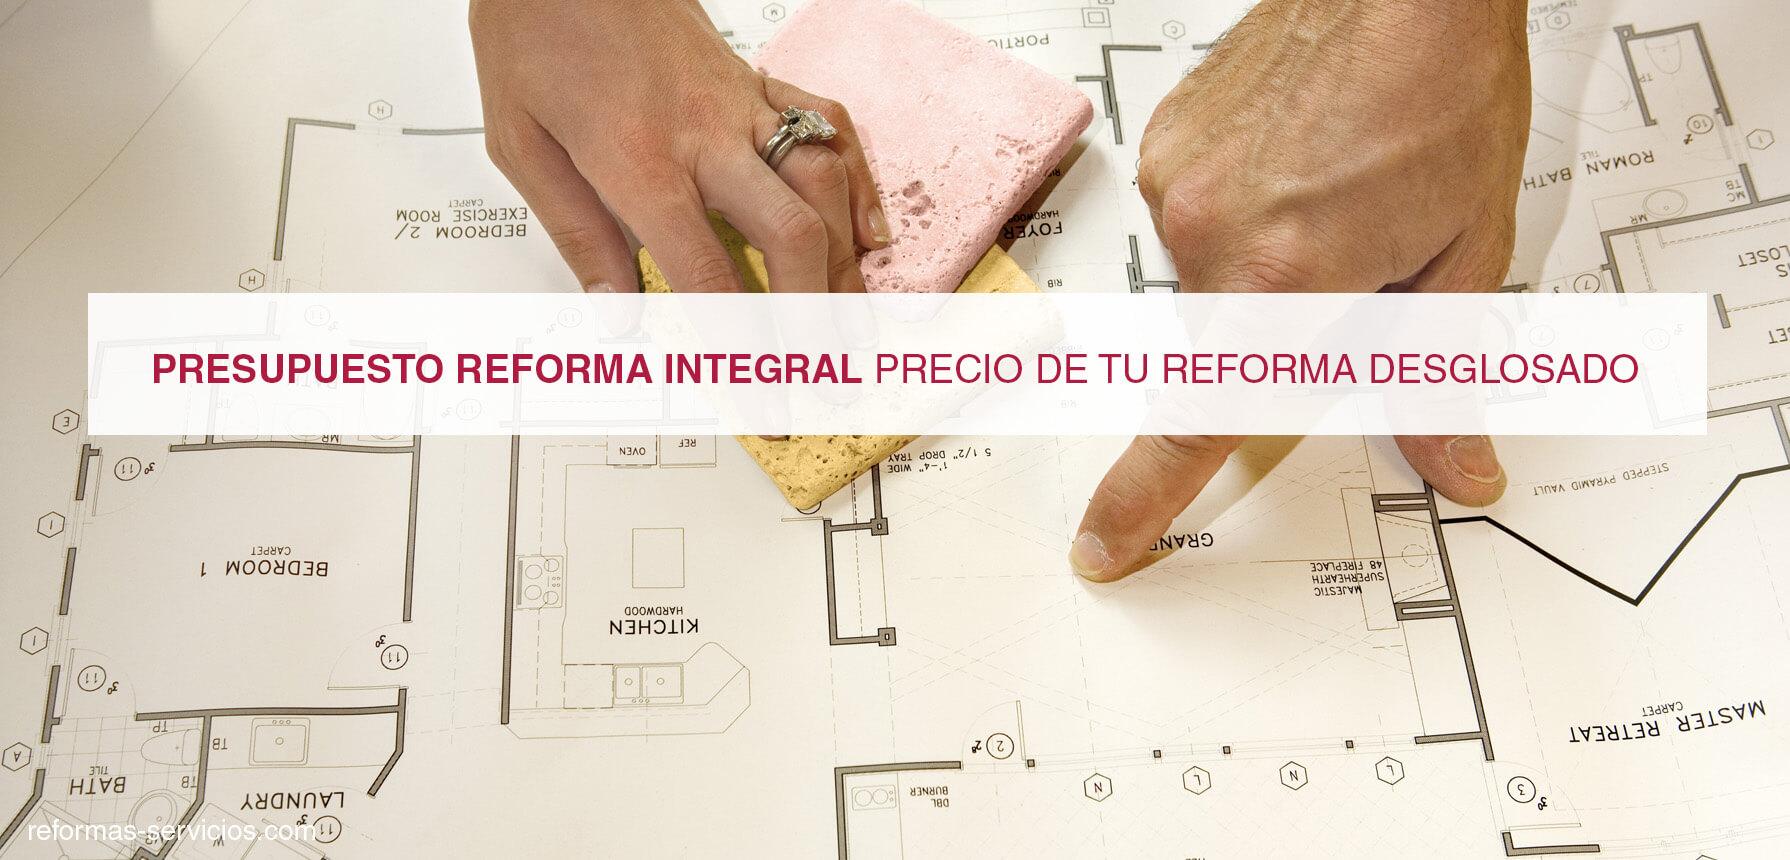 Presupuesto reforma integral for Precio reforma integral